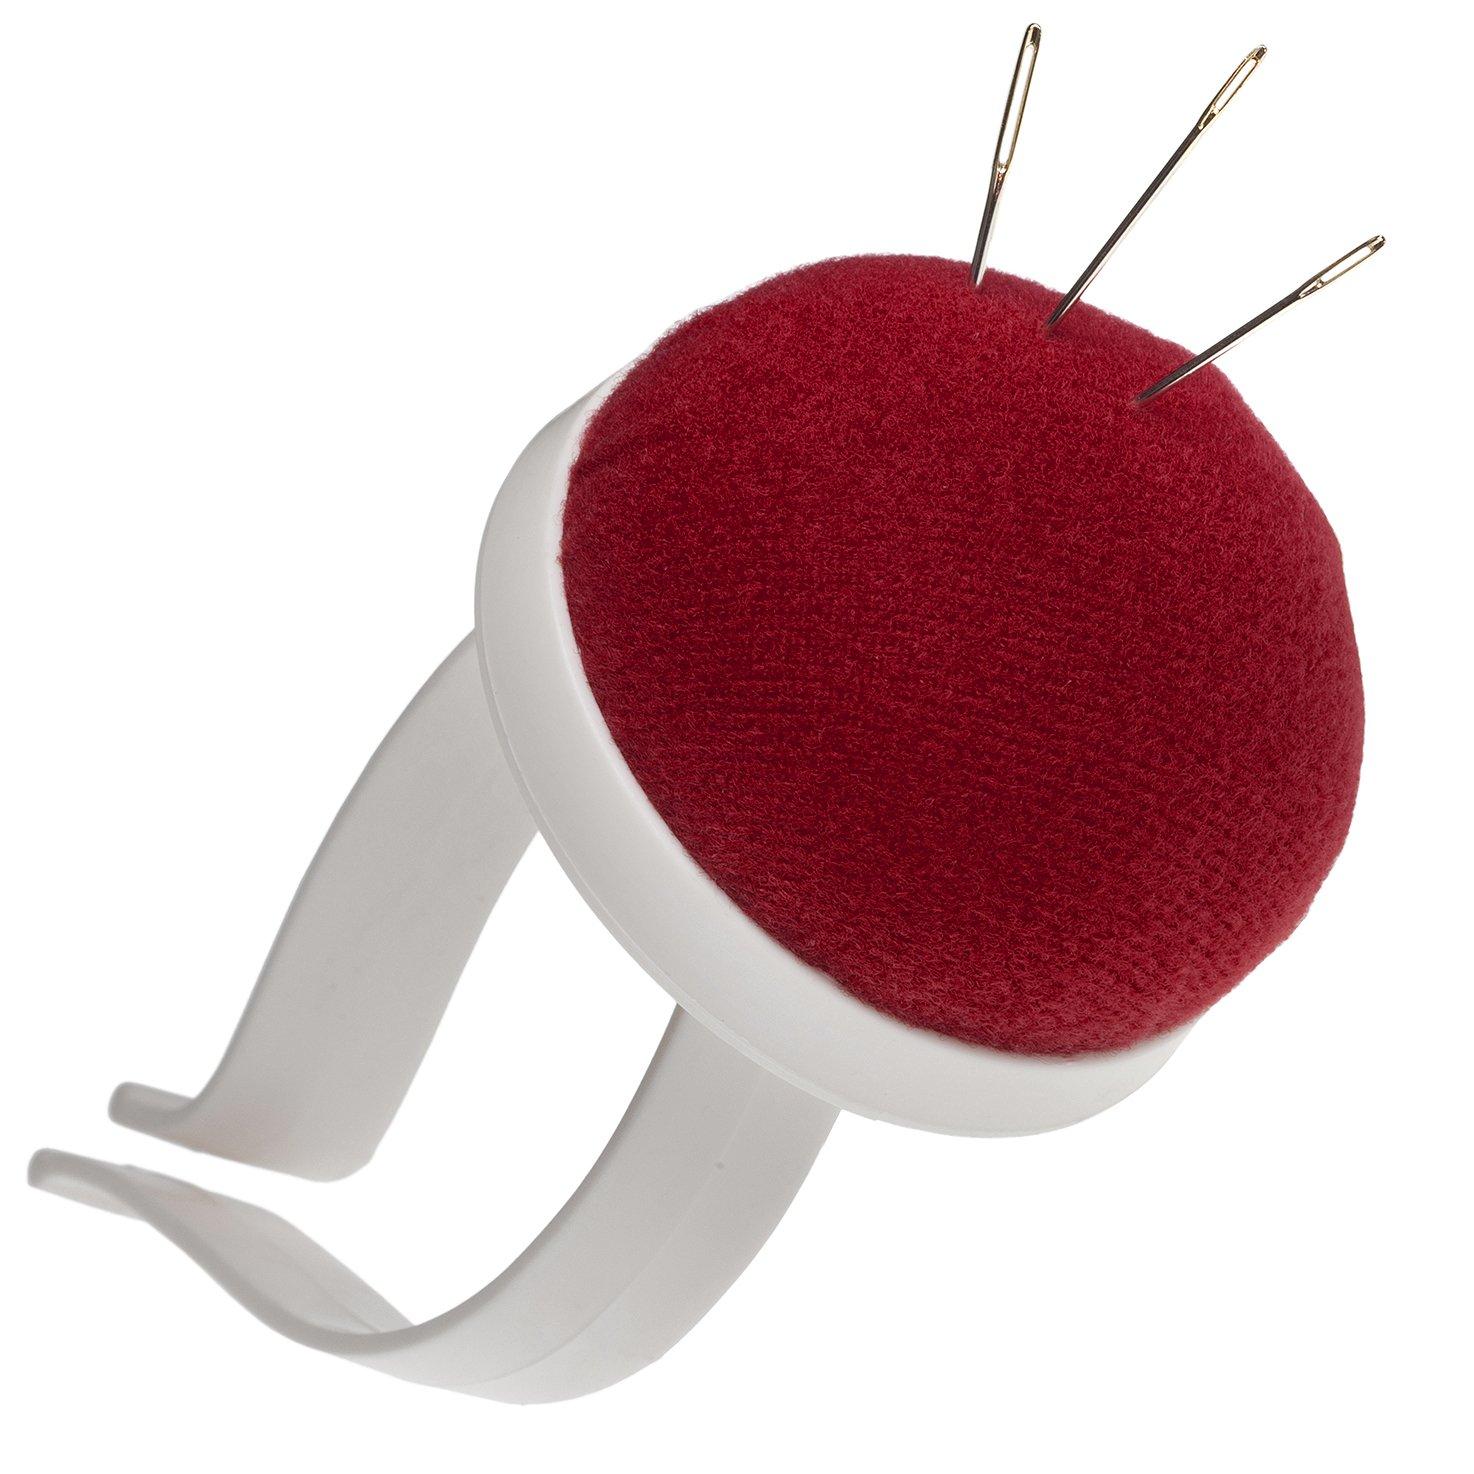 alfiletero para el Brazo mu/ñeca en Rojo con Pasador de pl/ástico Faden /& Nadel armnadel Coj/ín